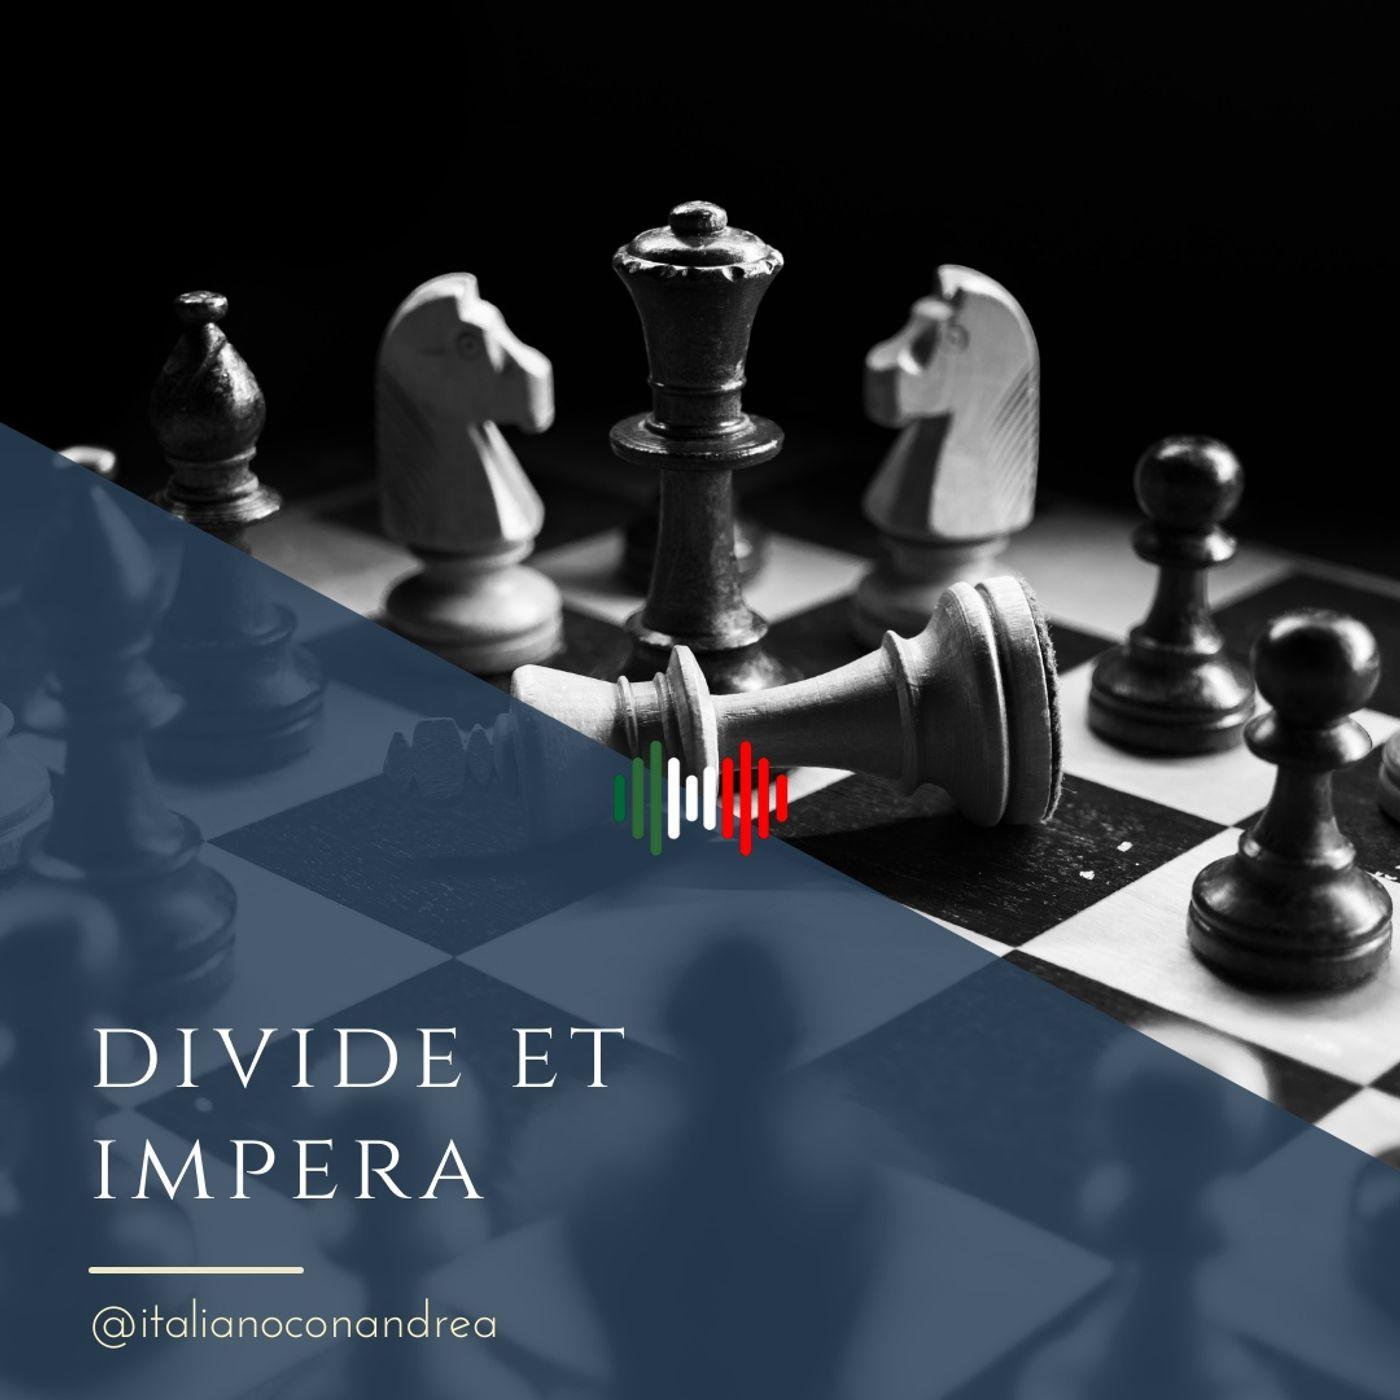 297. ESPRESSIONE: Divide et impera